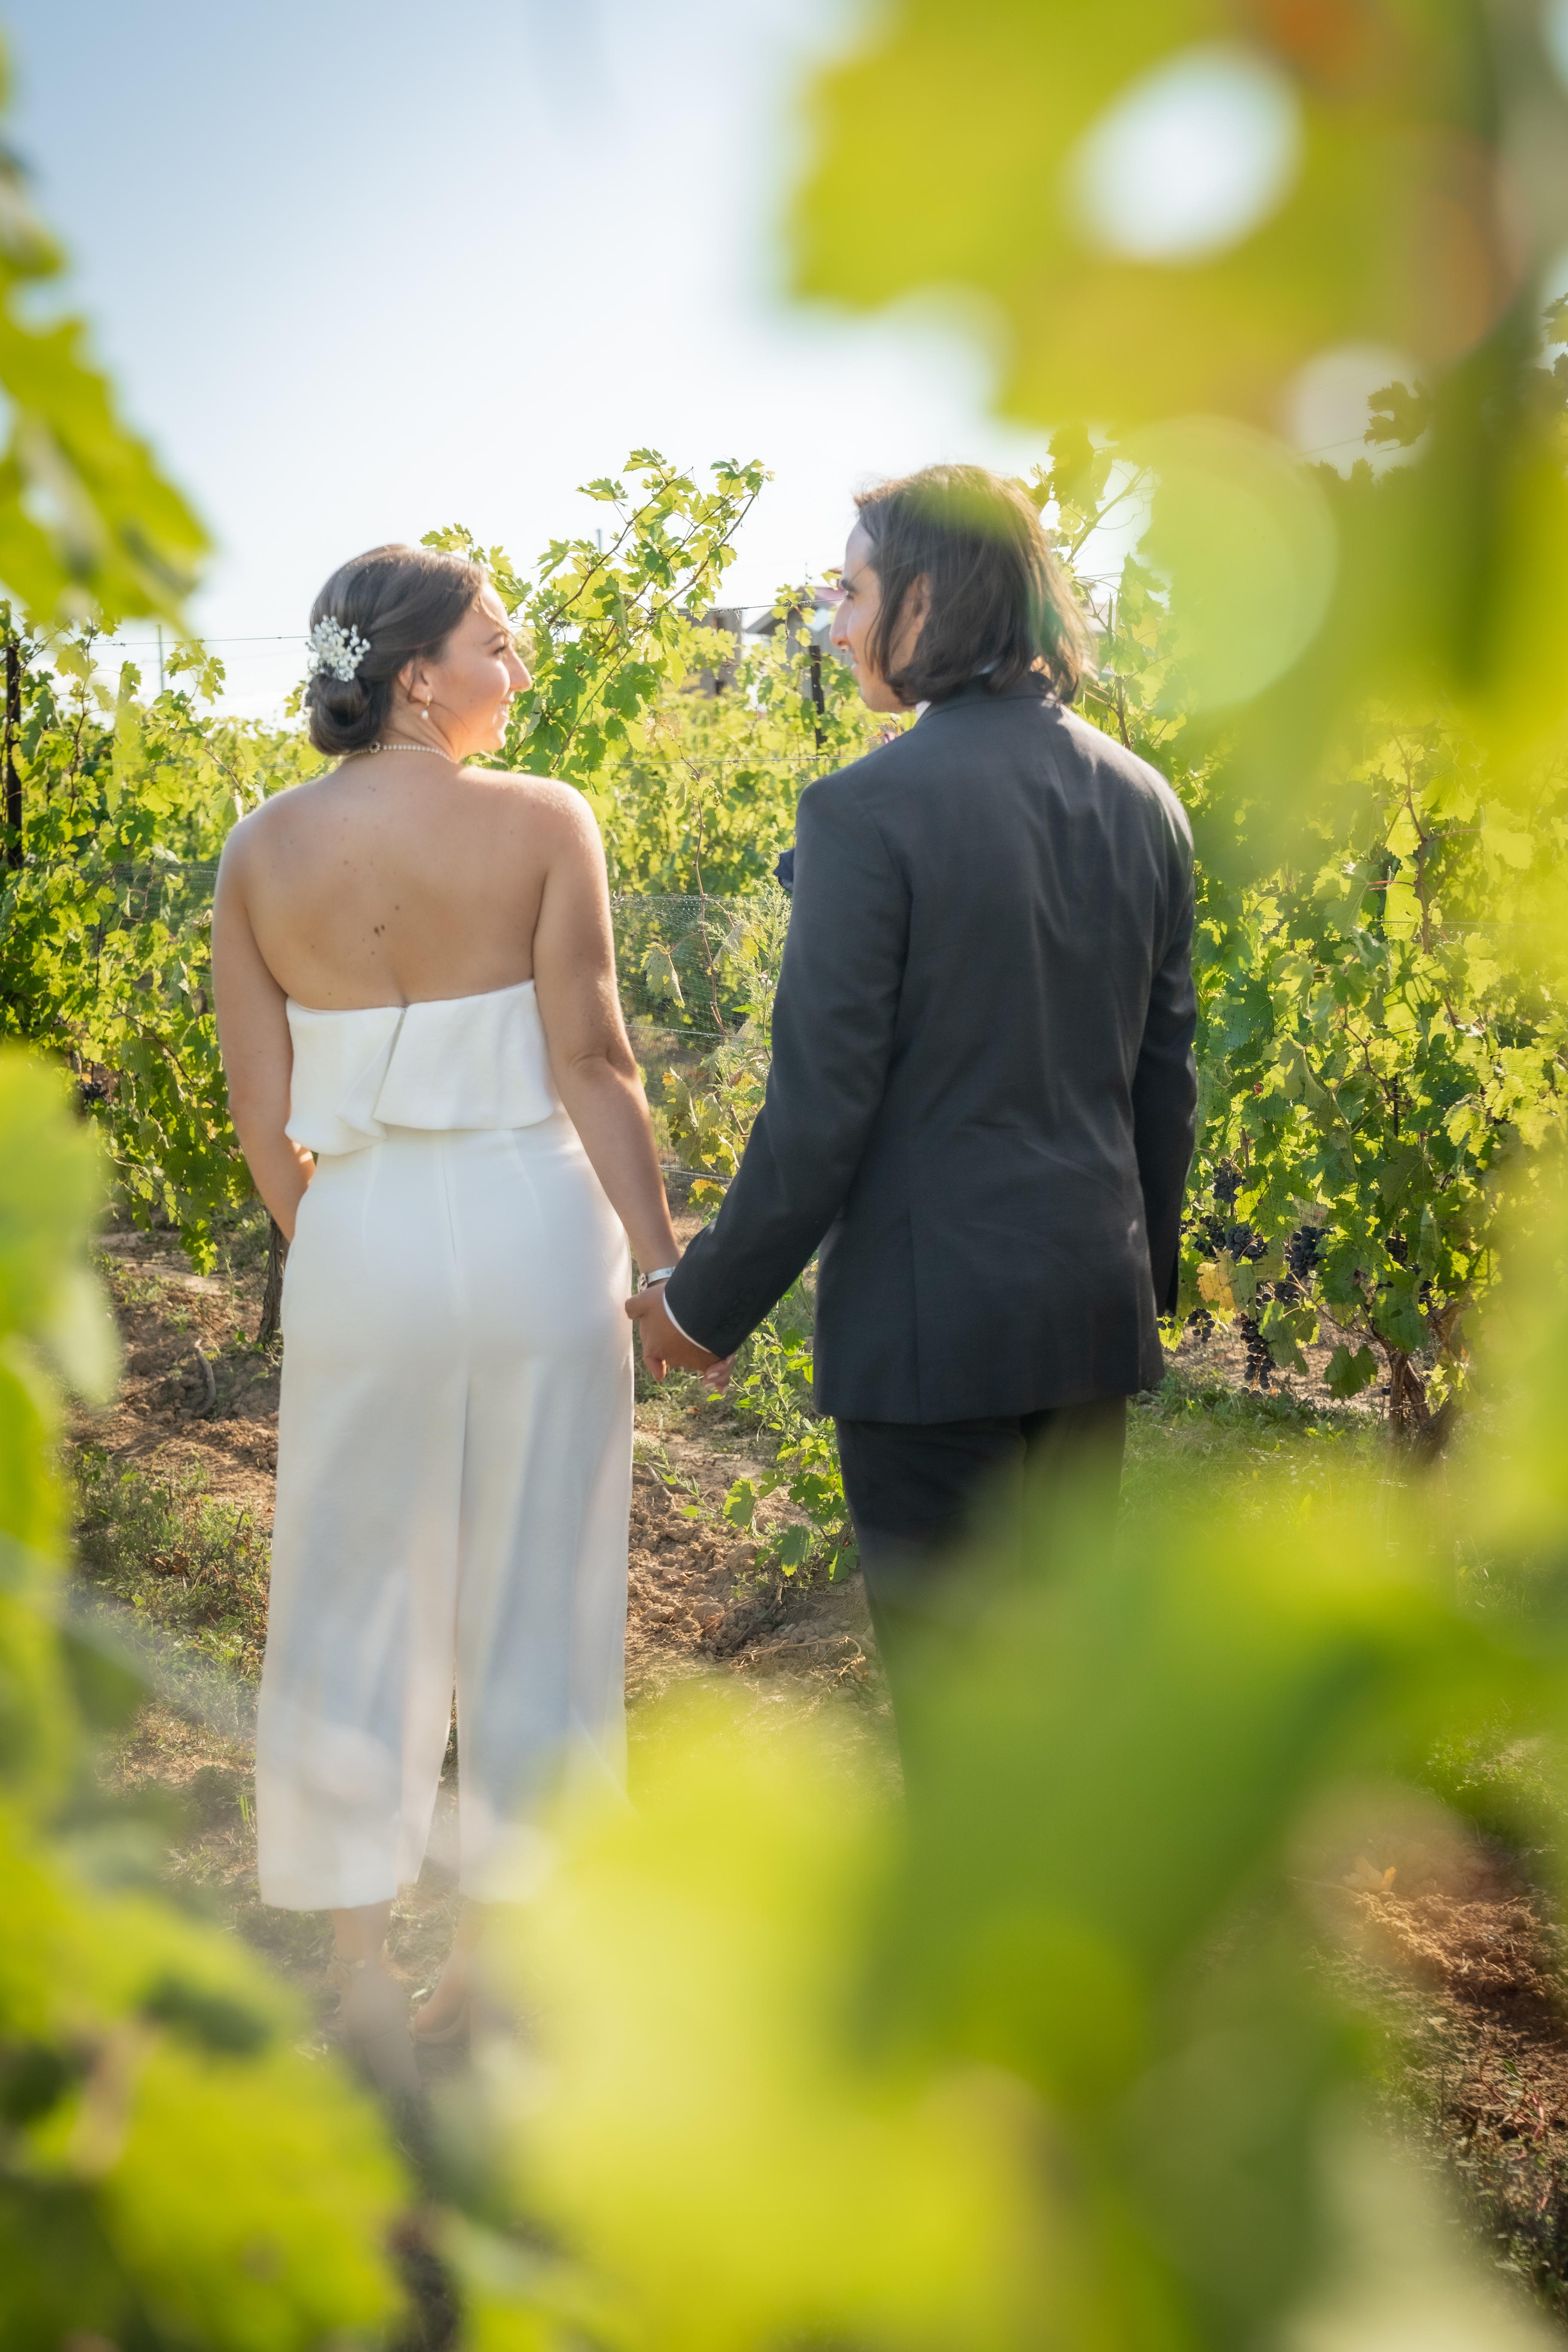 Bride and groom in vineyard before wedding ceremony